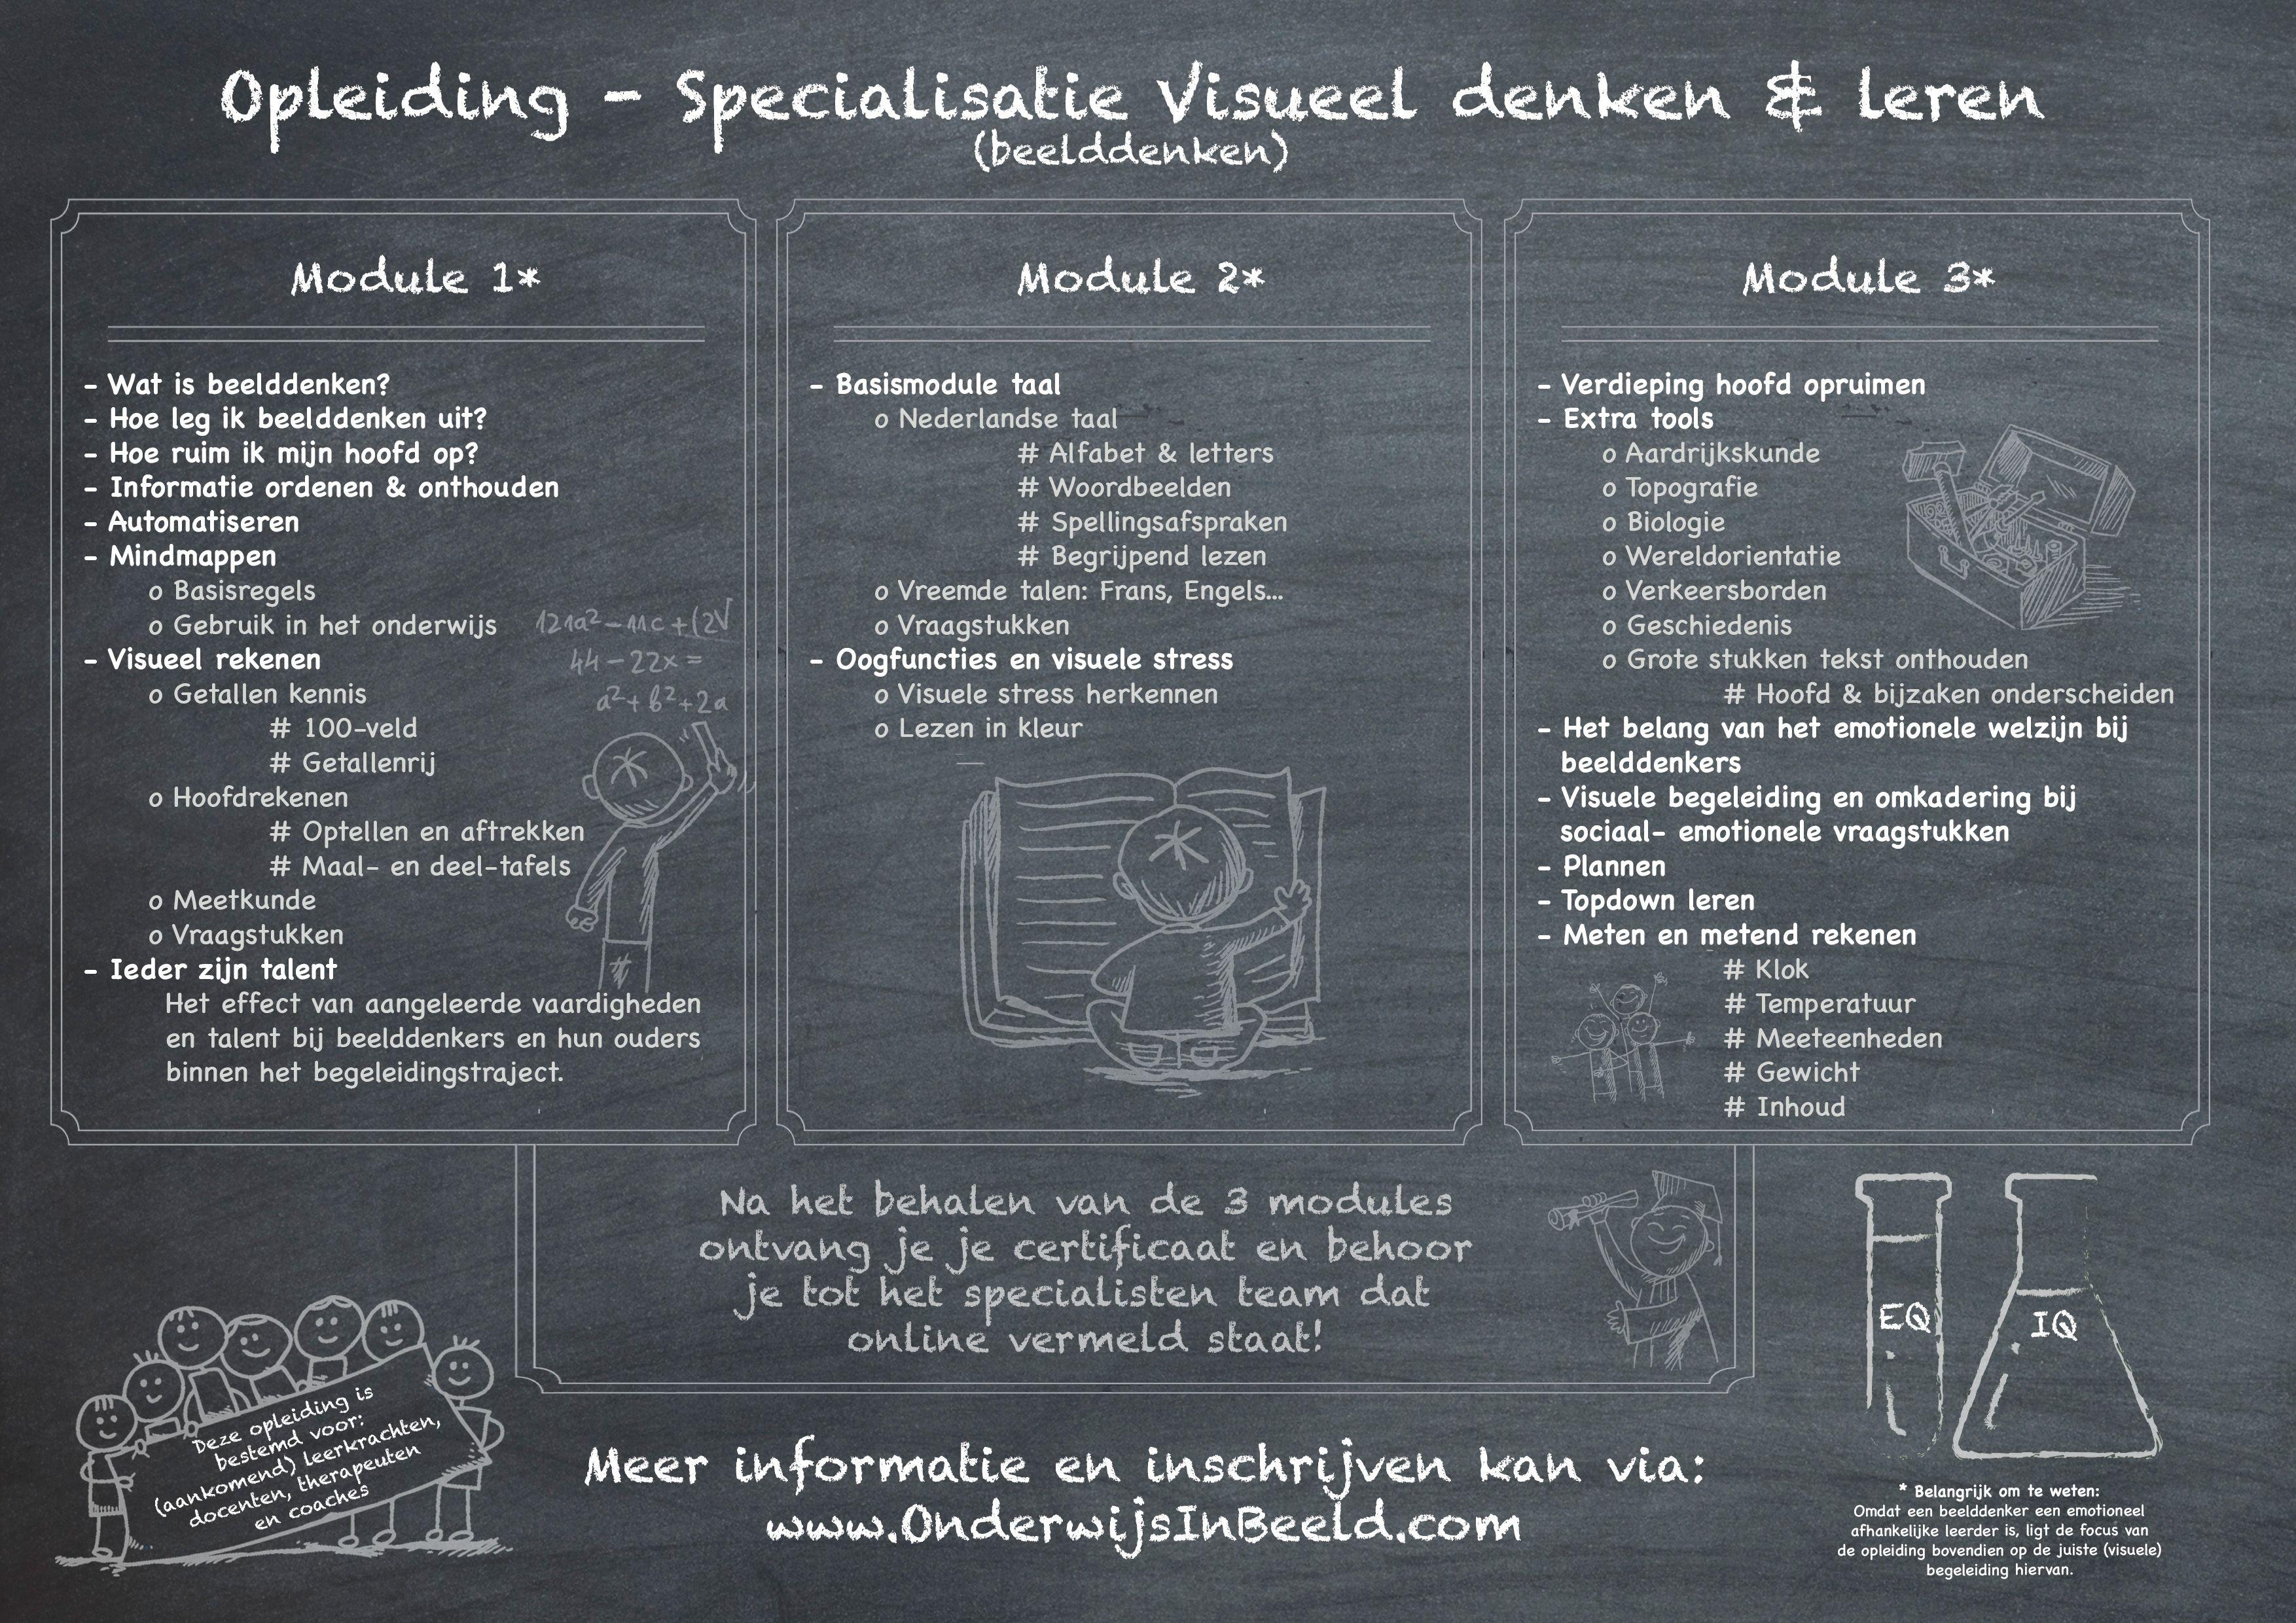 Wil je echt een totaal opleiding rond visueel denken en leren? #beelddenken? Kijk dan op www.OnderwijsInBeeld.com/agenda